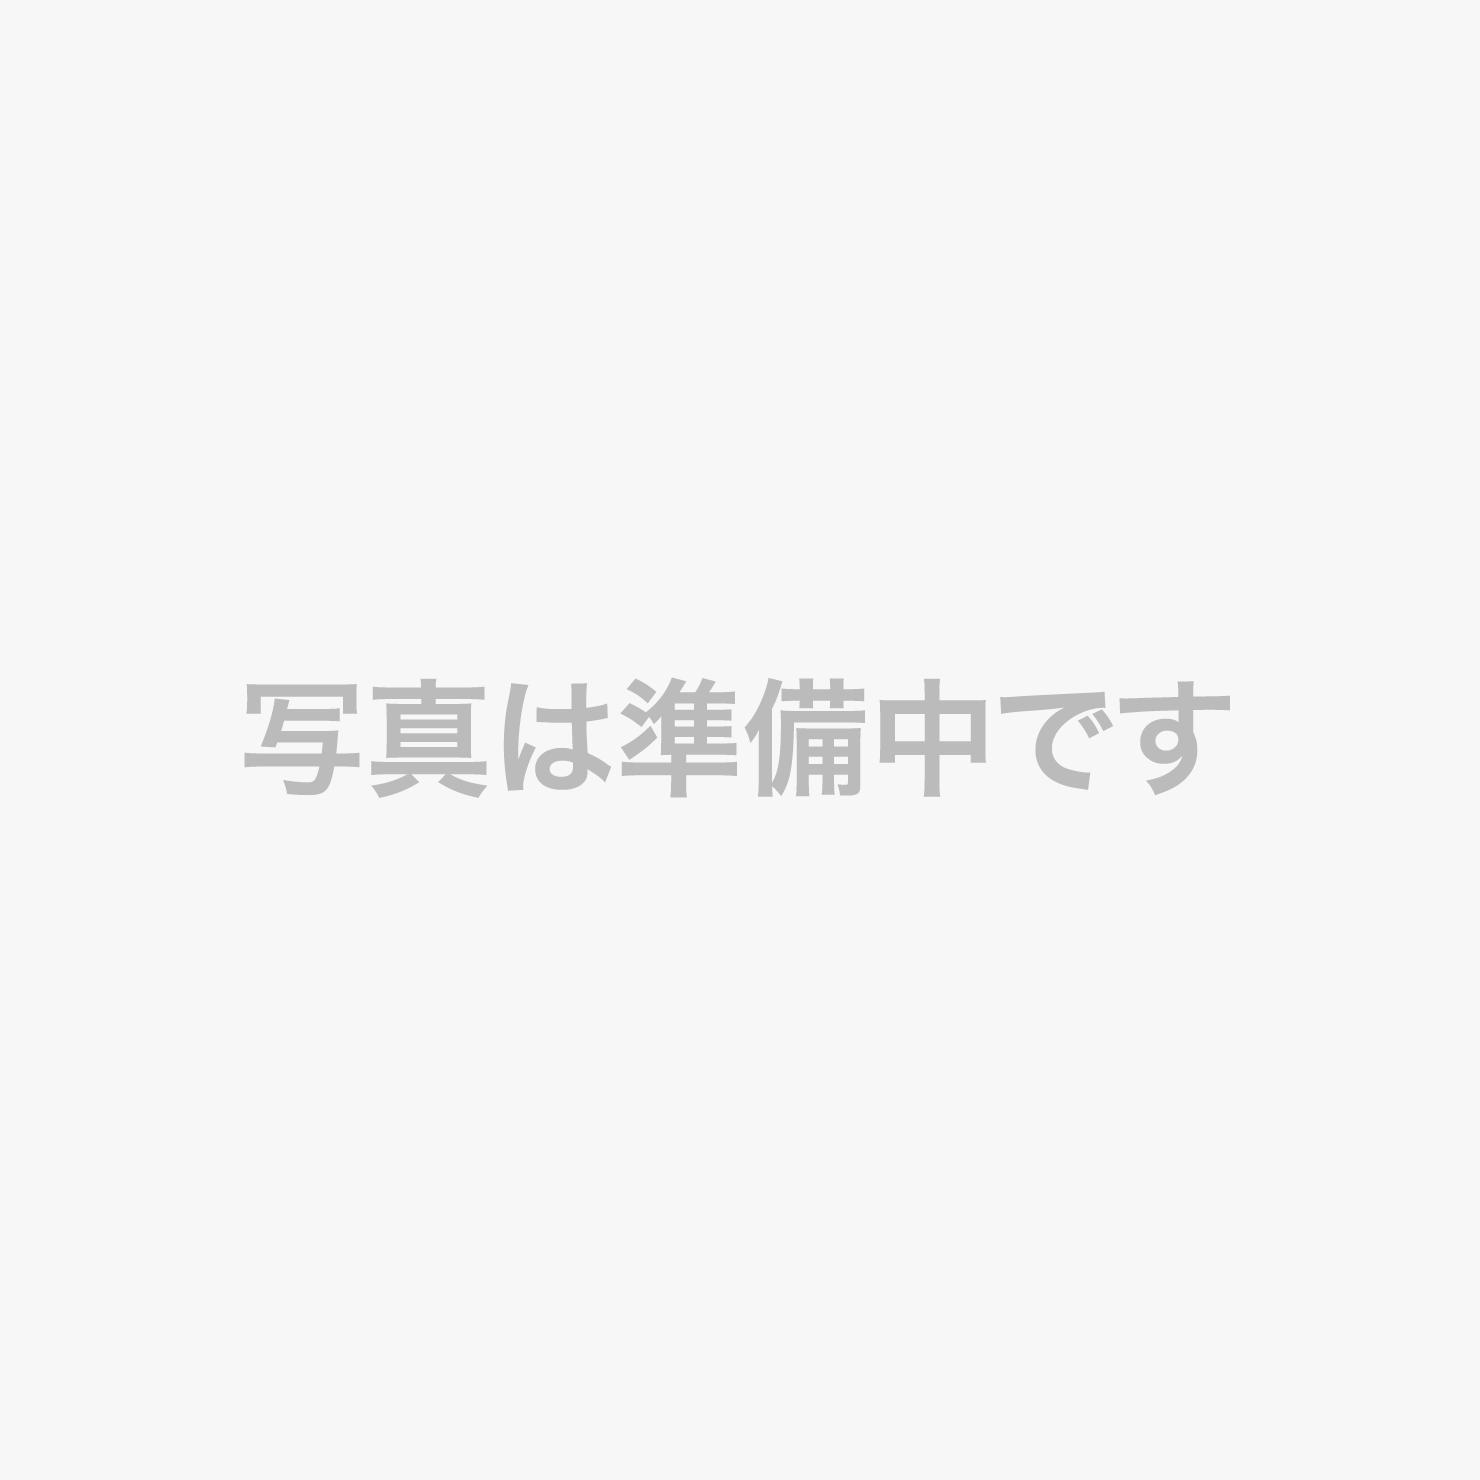 愛媛ならではの新鮮で安心・安全な食材を用いて、料理長が日本料理の真心でお料理をご用意いたします。どうぞご堪能ください。